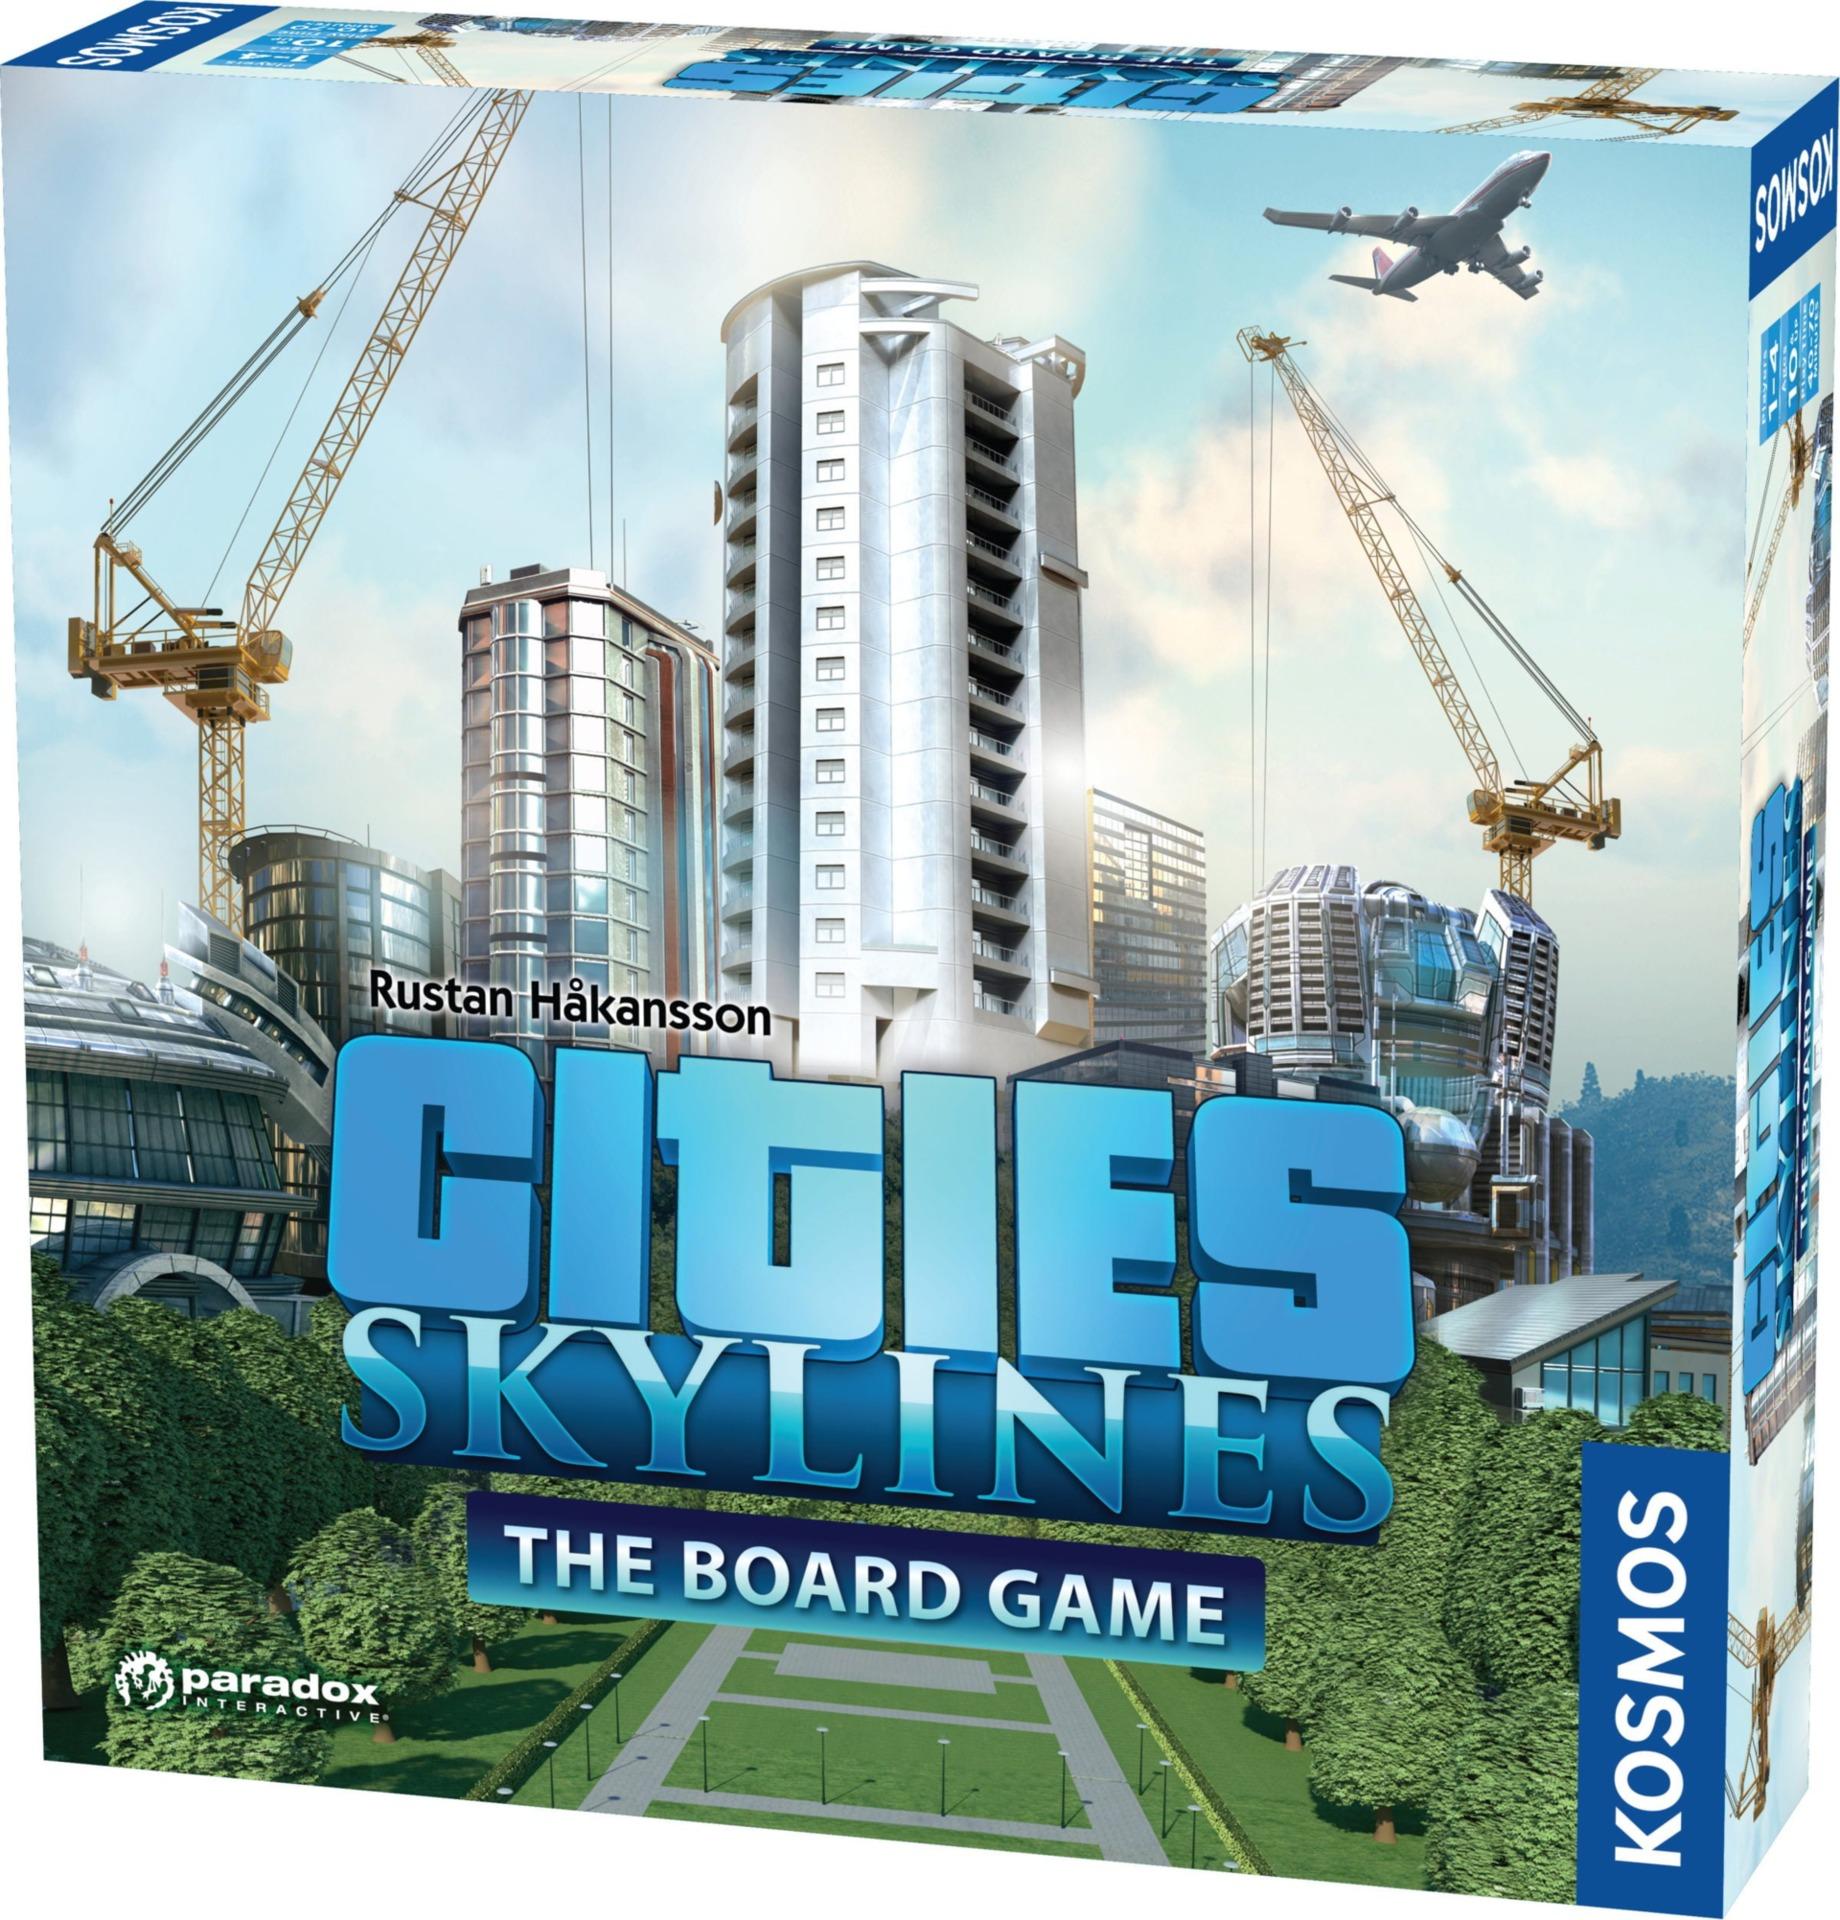 Desková hra Cities Skylines - The Board Game (PC)